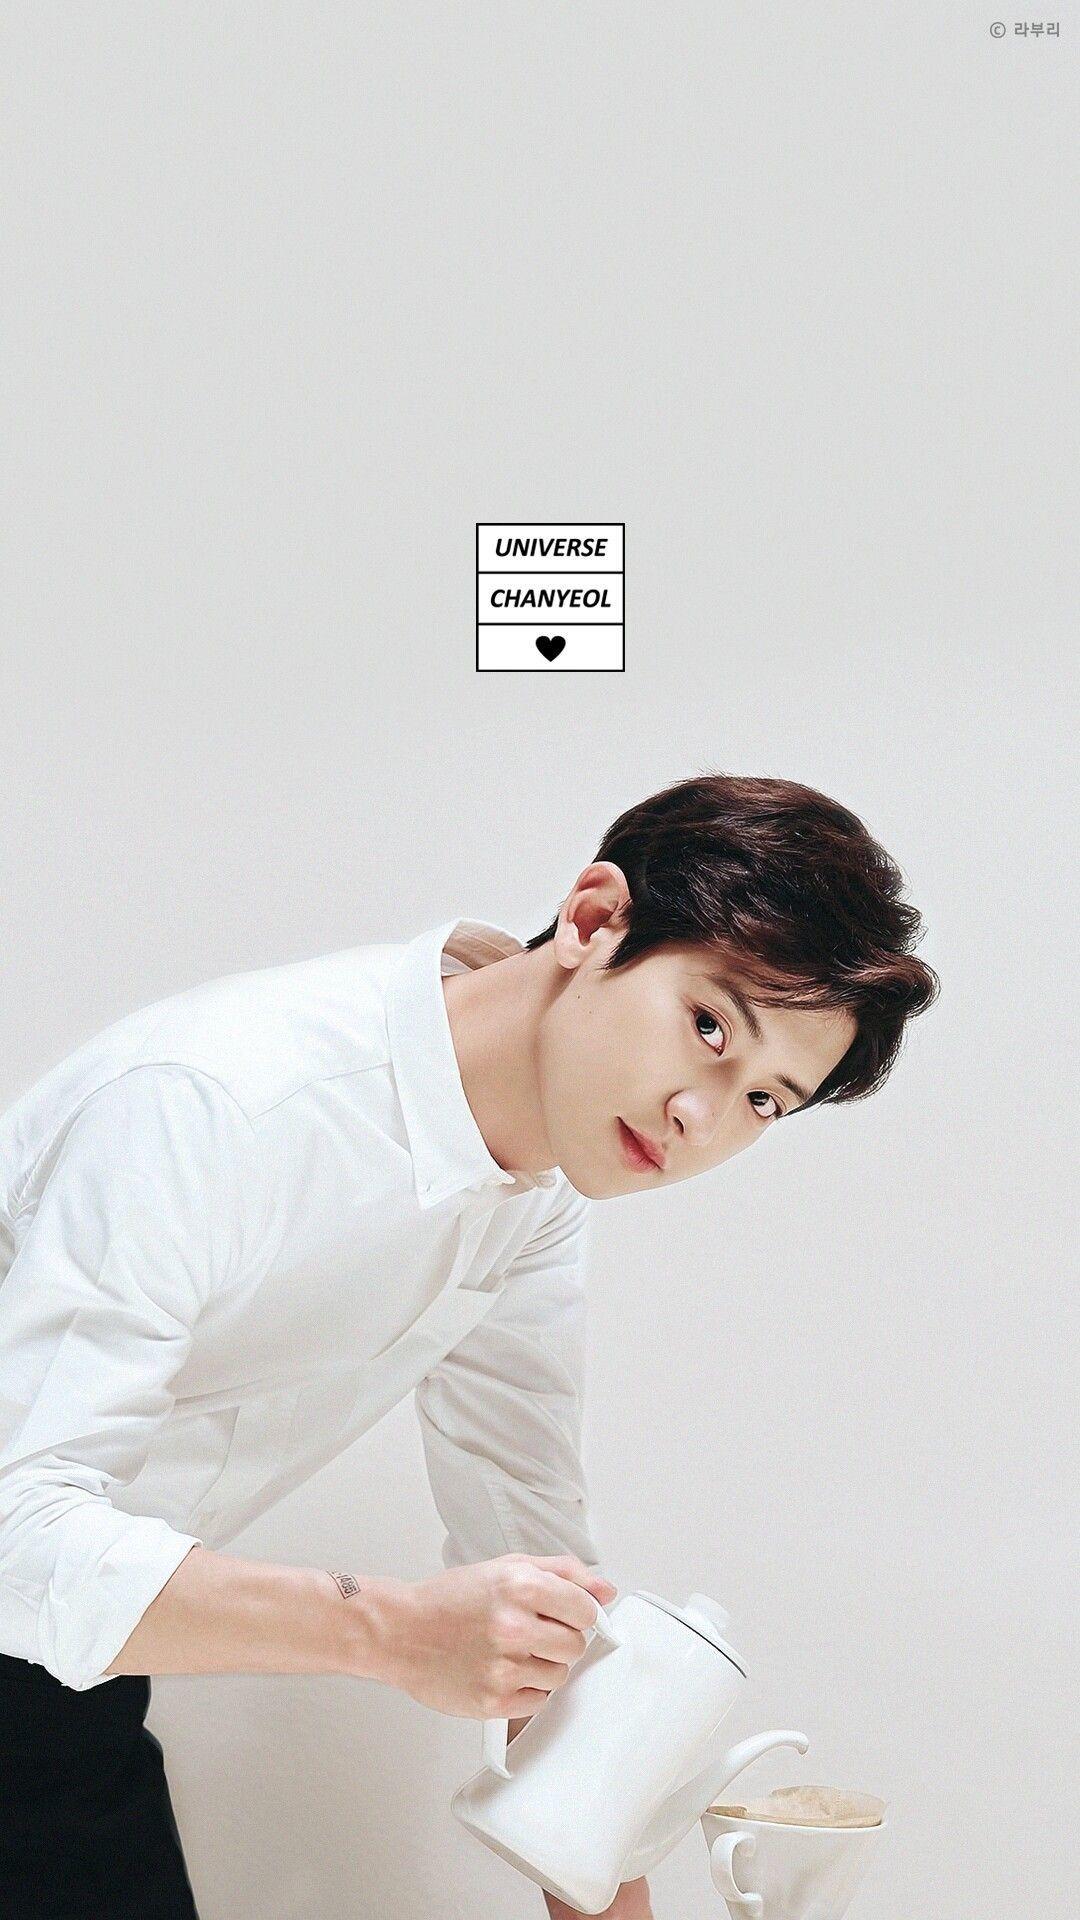 EXO Chanyeol Wallpapers Top Free EXO Chanyeol Backgrounds